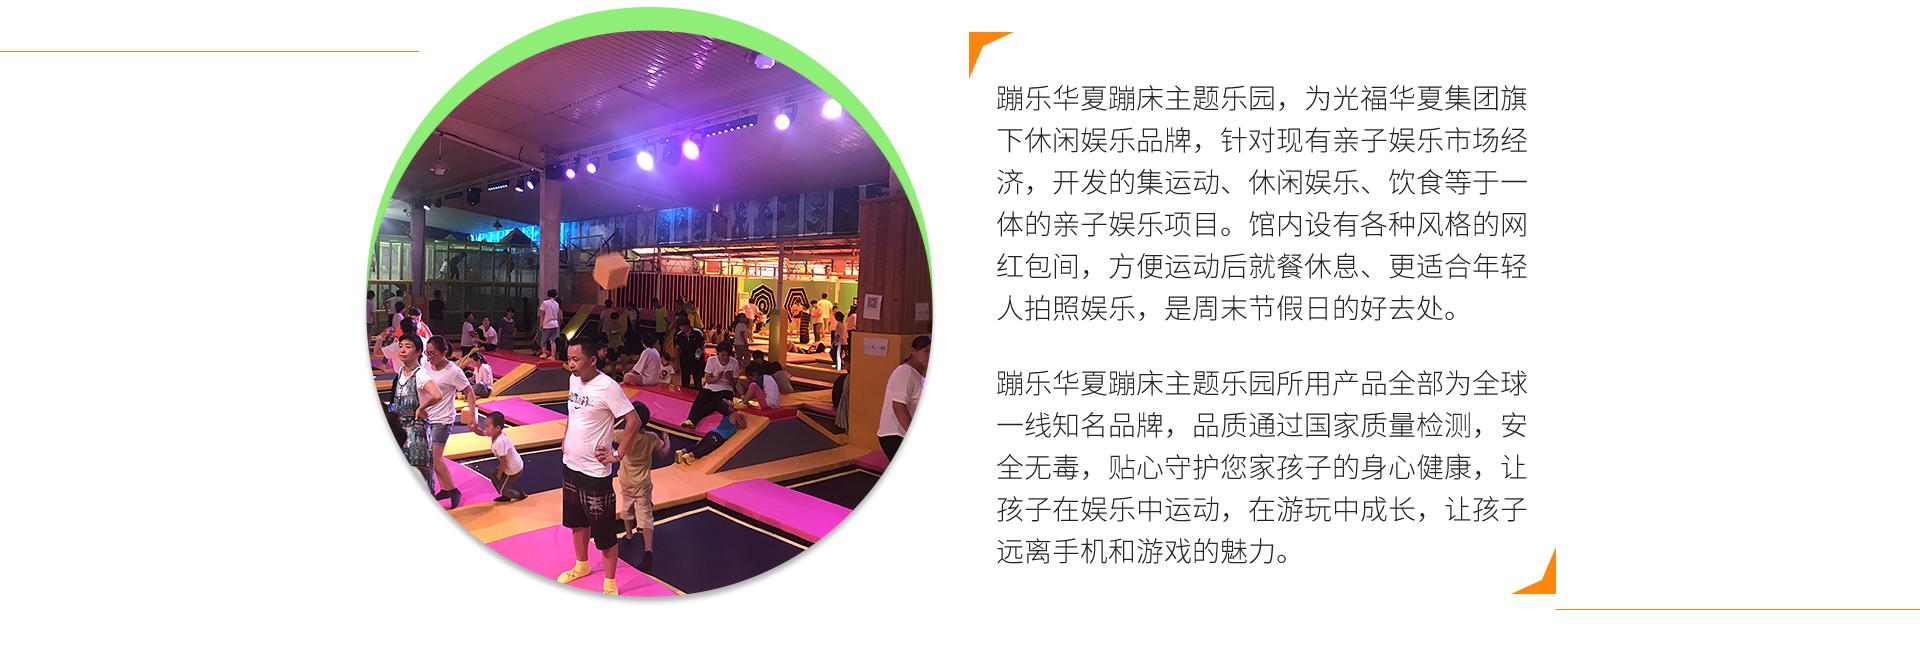 蹦乐华夏蹦床主题乐园PC_03